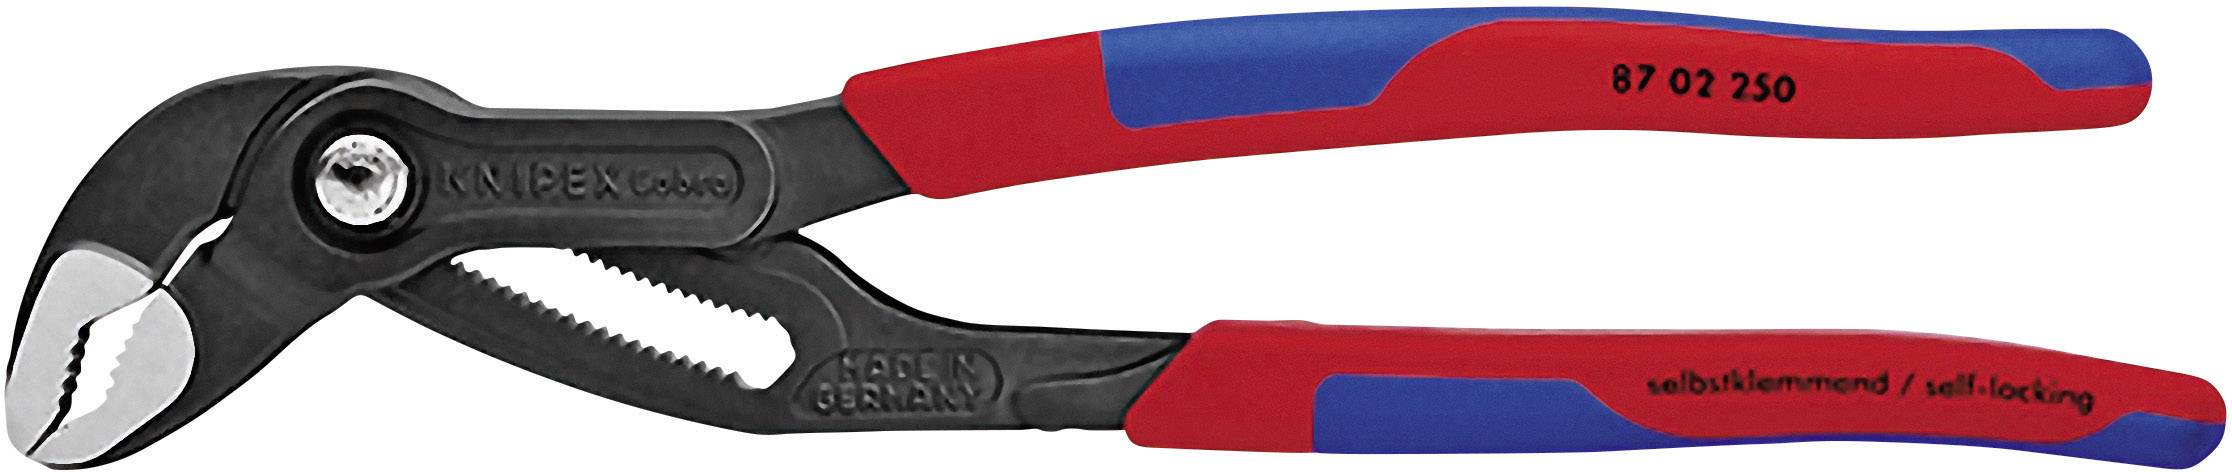 Inštalatérske SIKO kliešte Knipex Cobra 87 05 250, 250 mm